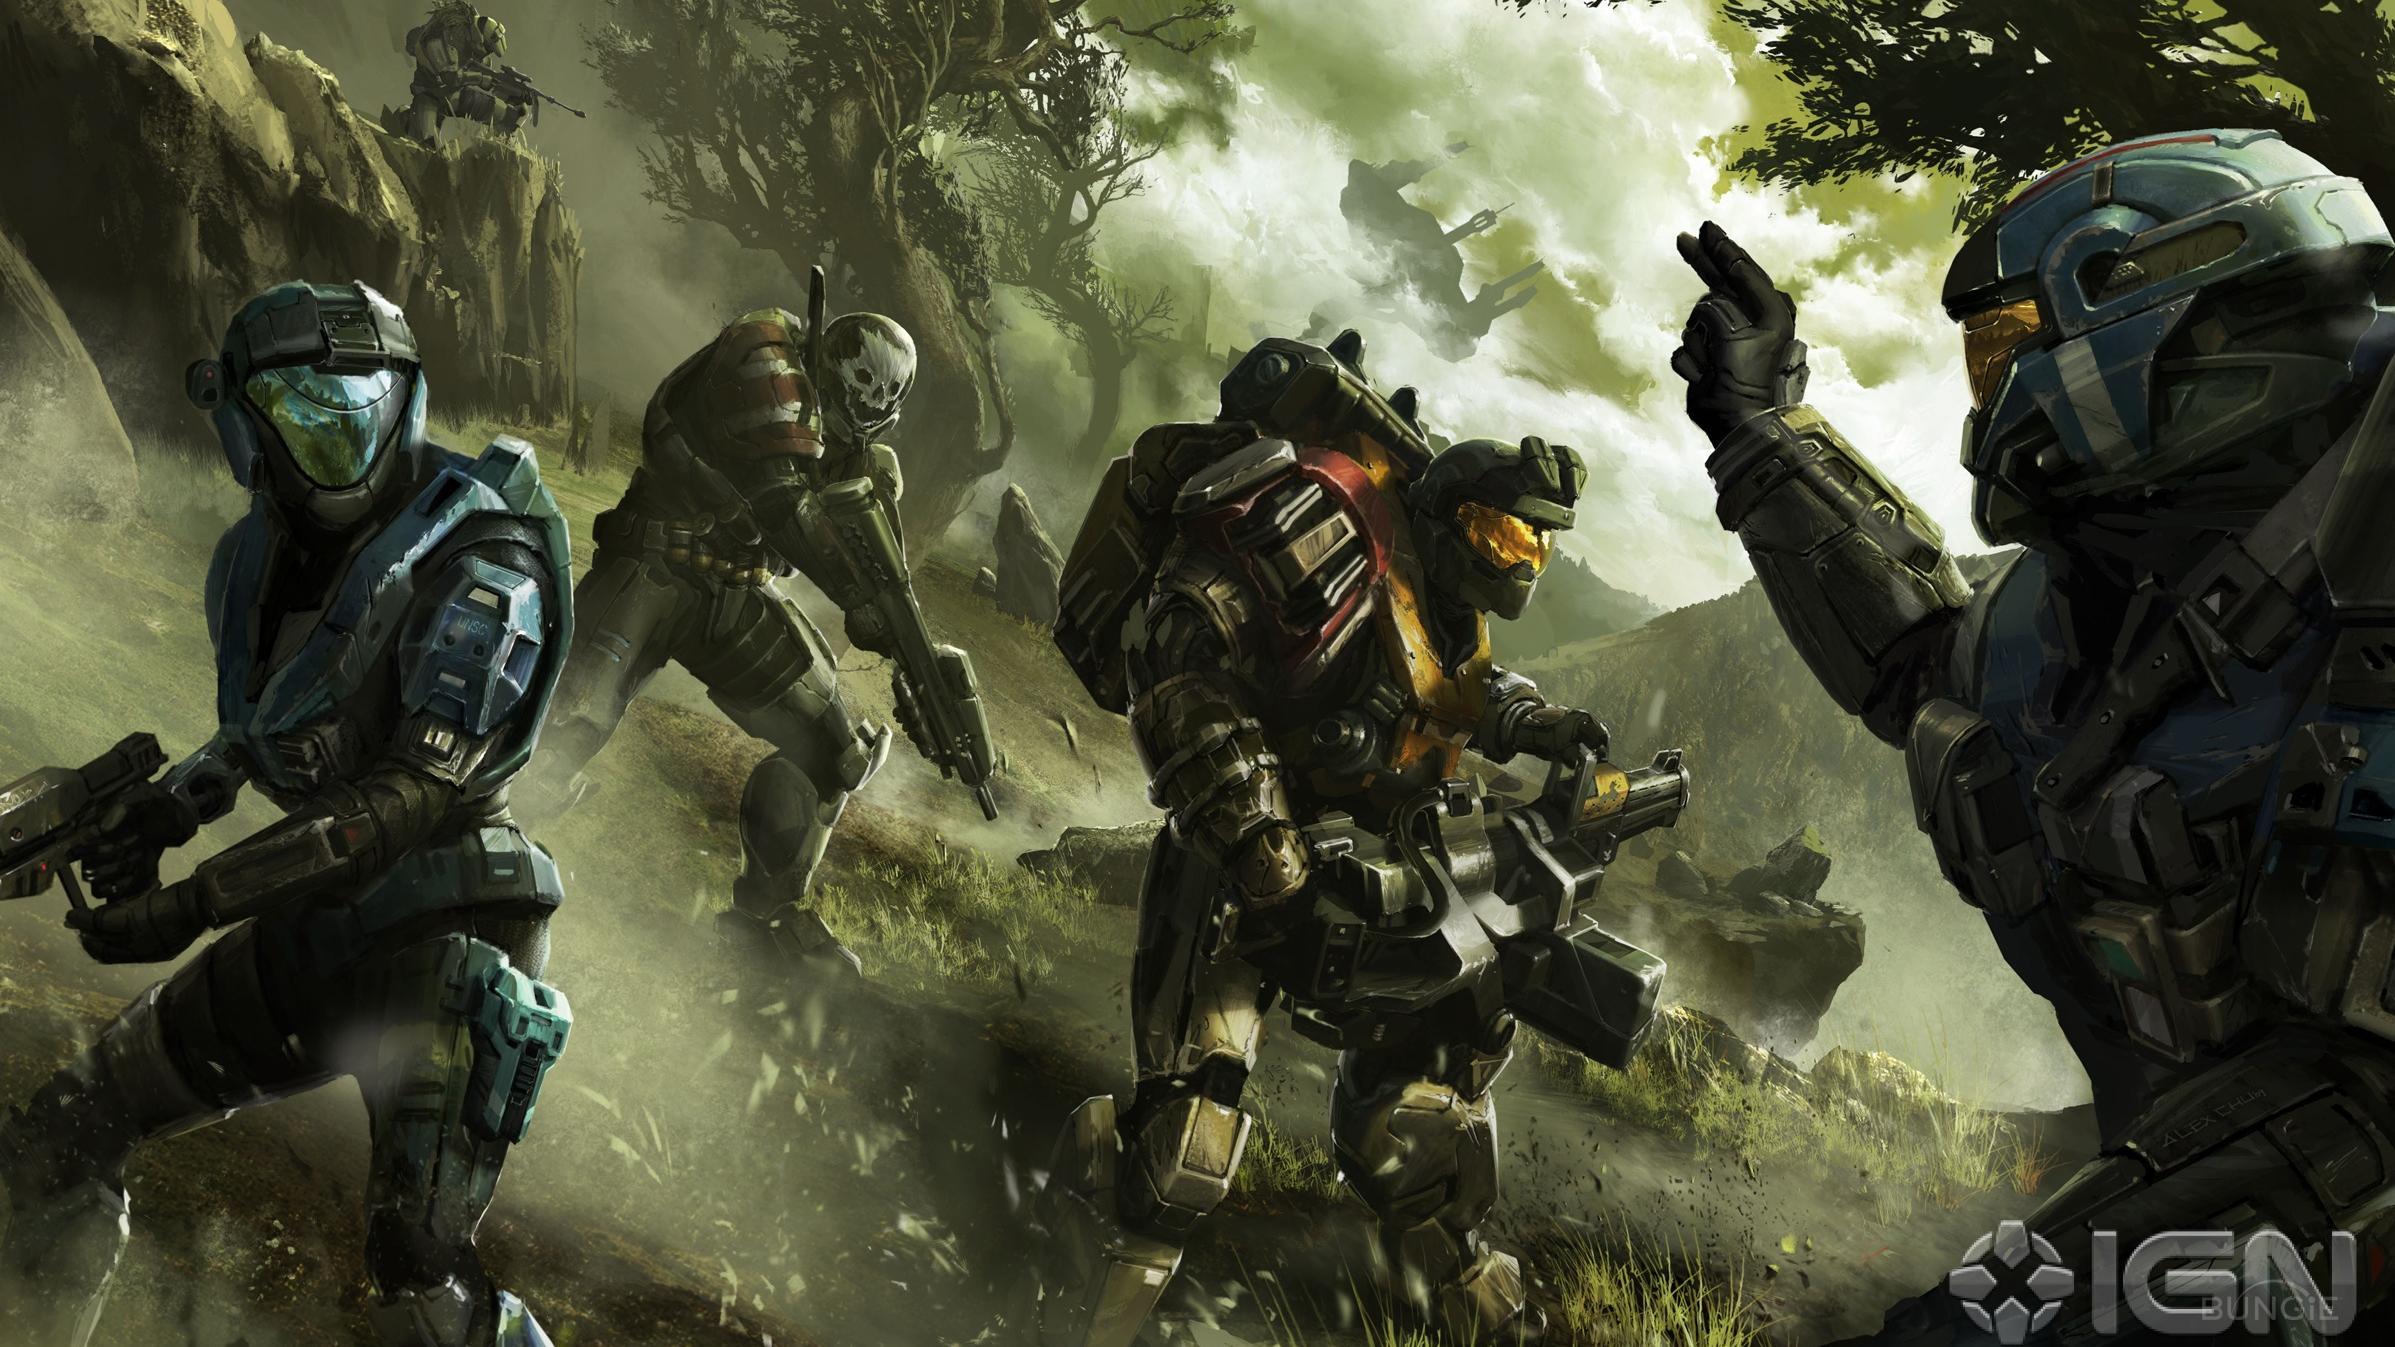 Thumbnail for version as of 21:33, September 14, 2012